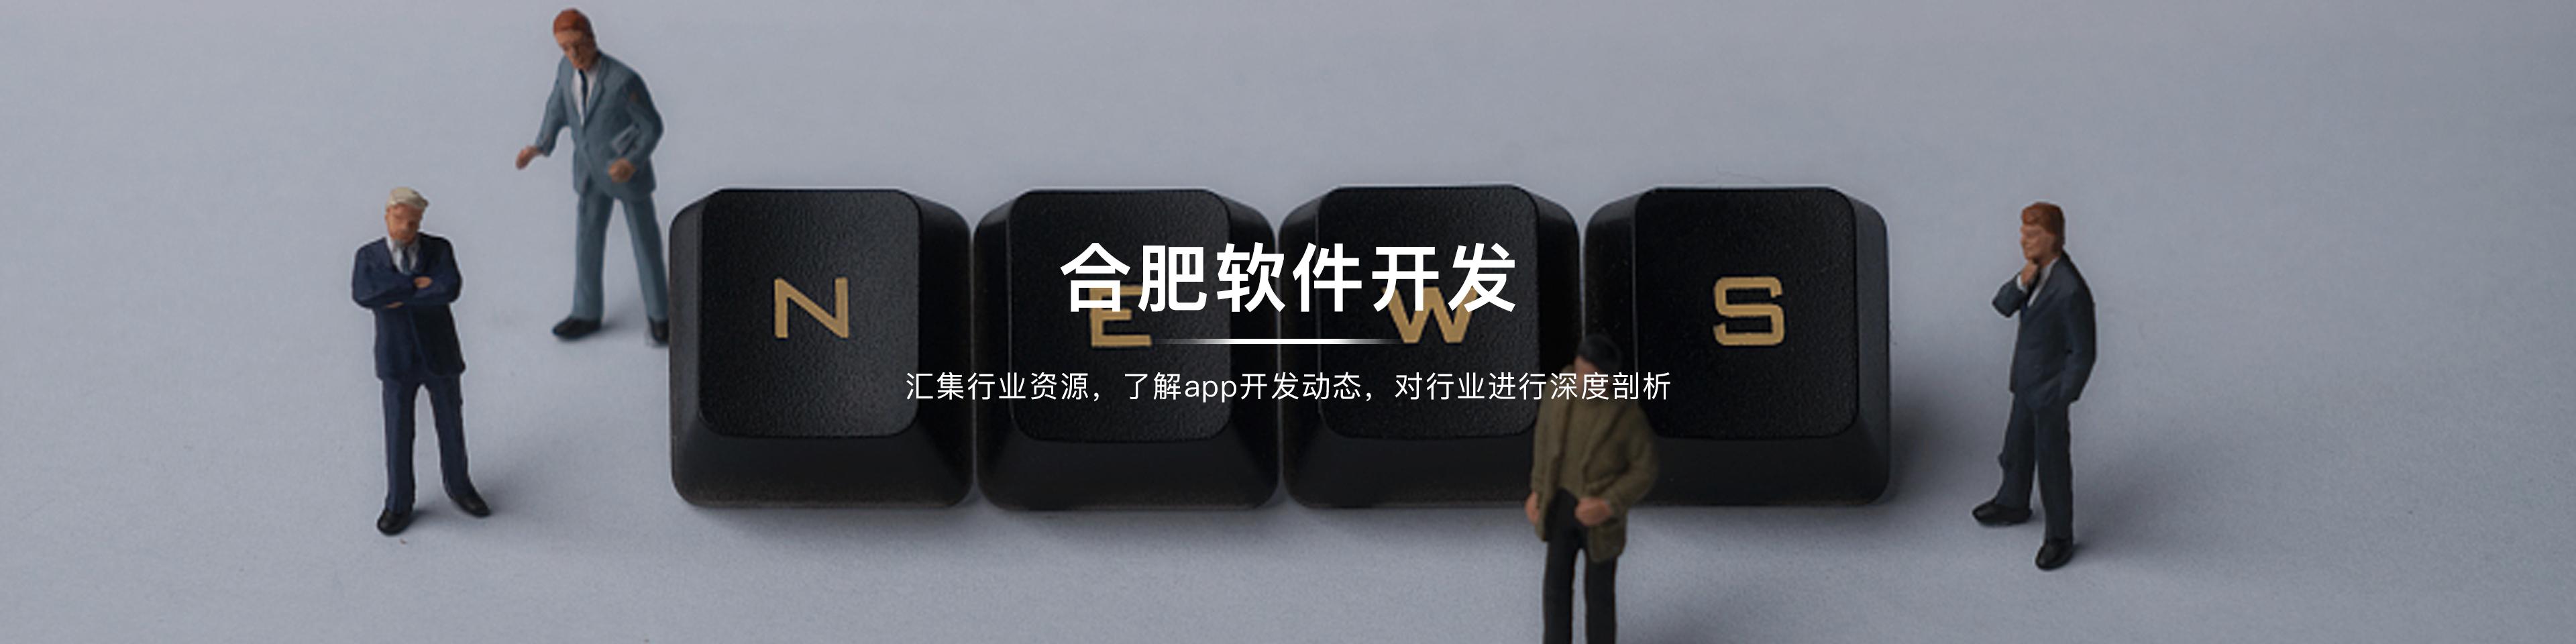 绘推科技,杭州软件开发